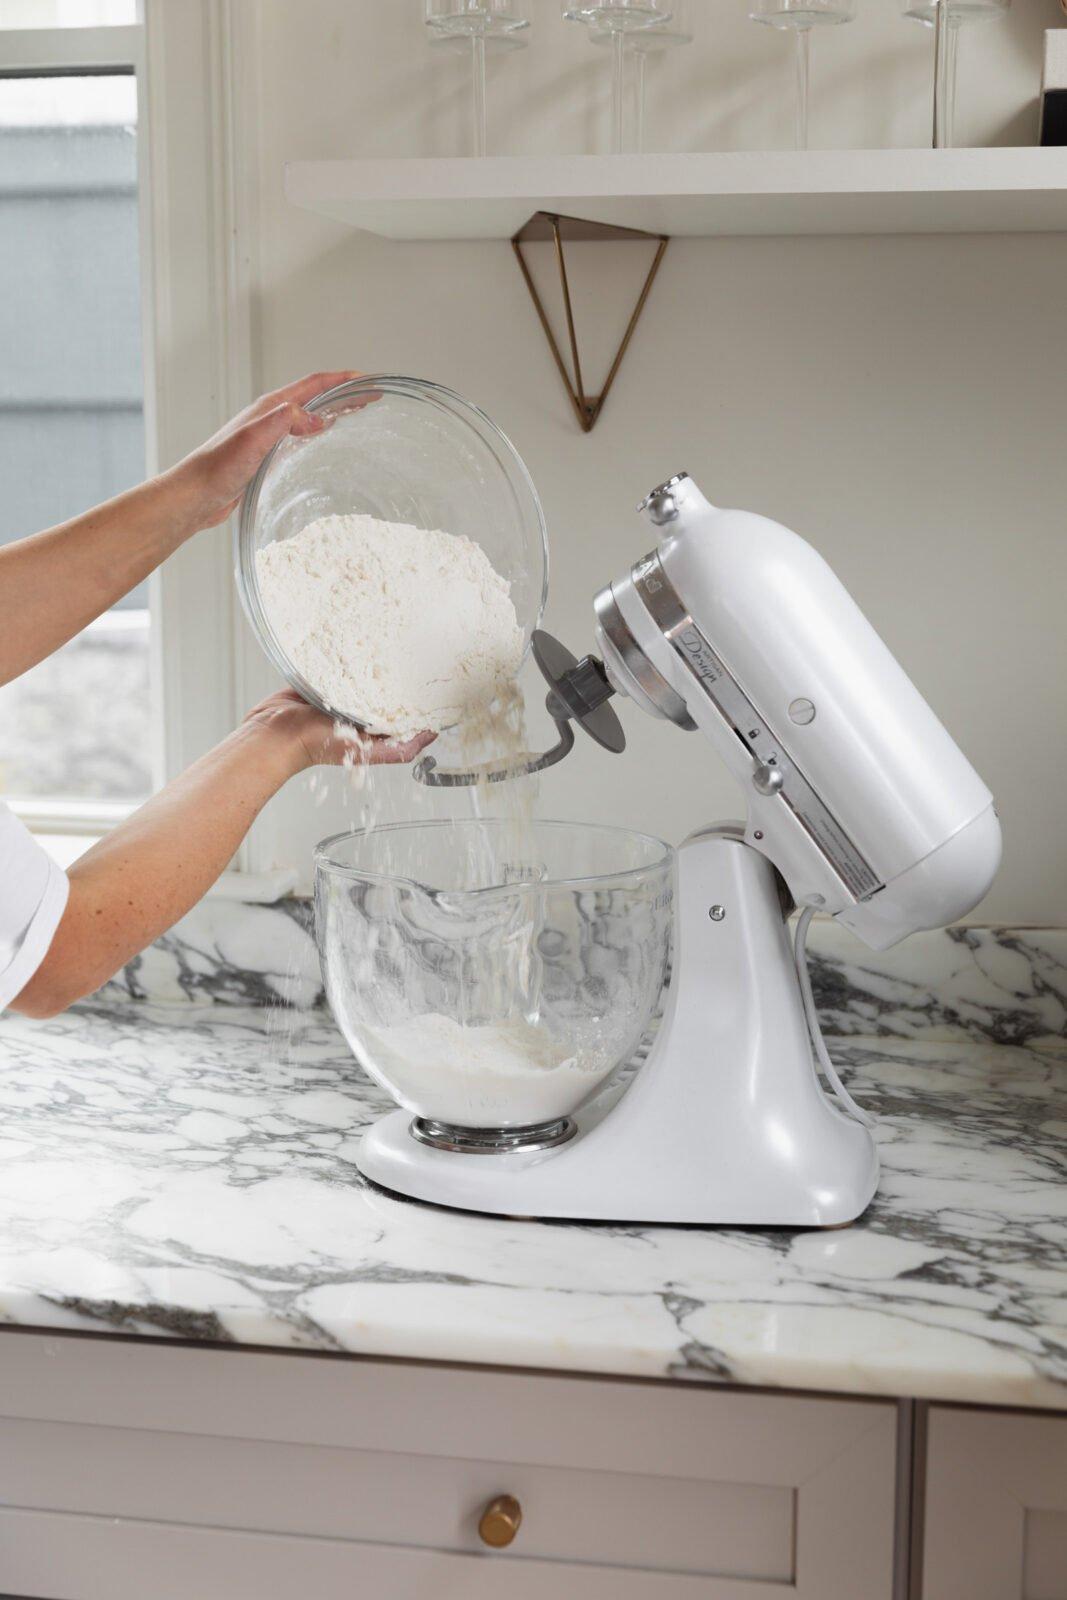 flour going into bowl